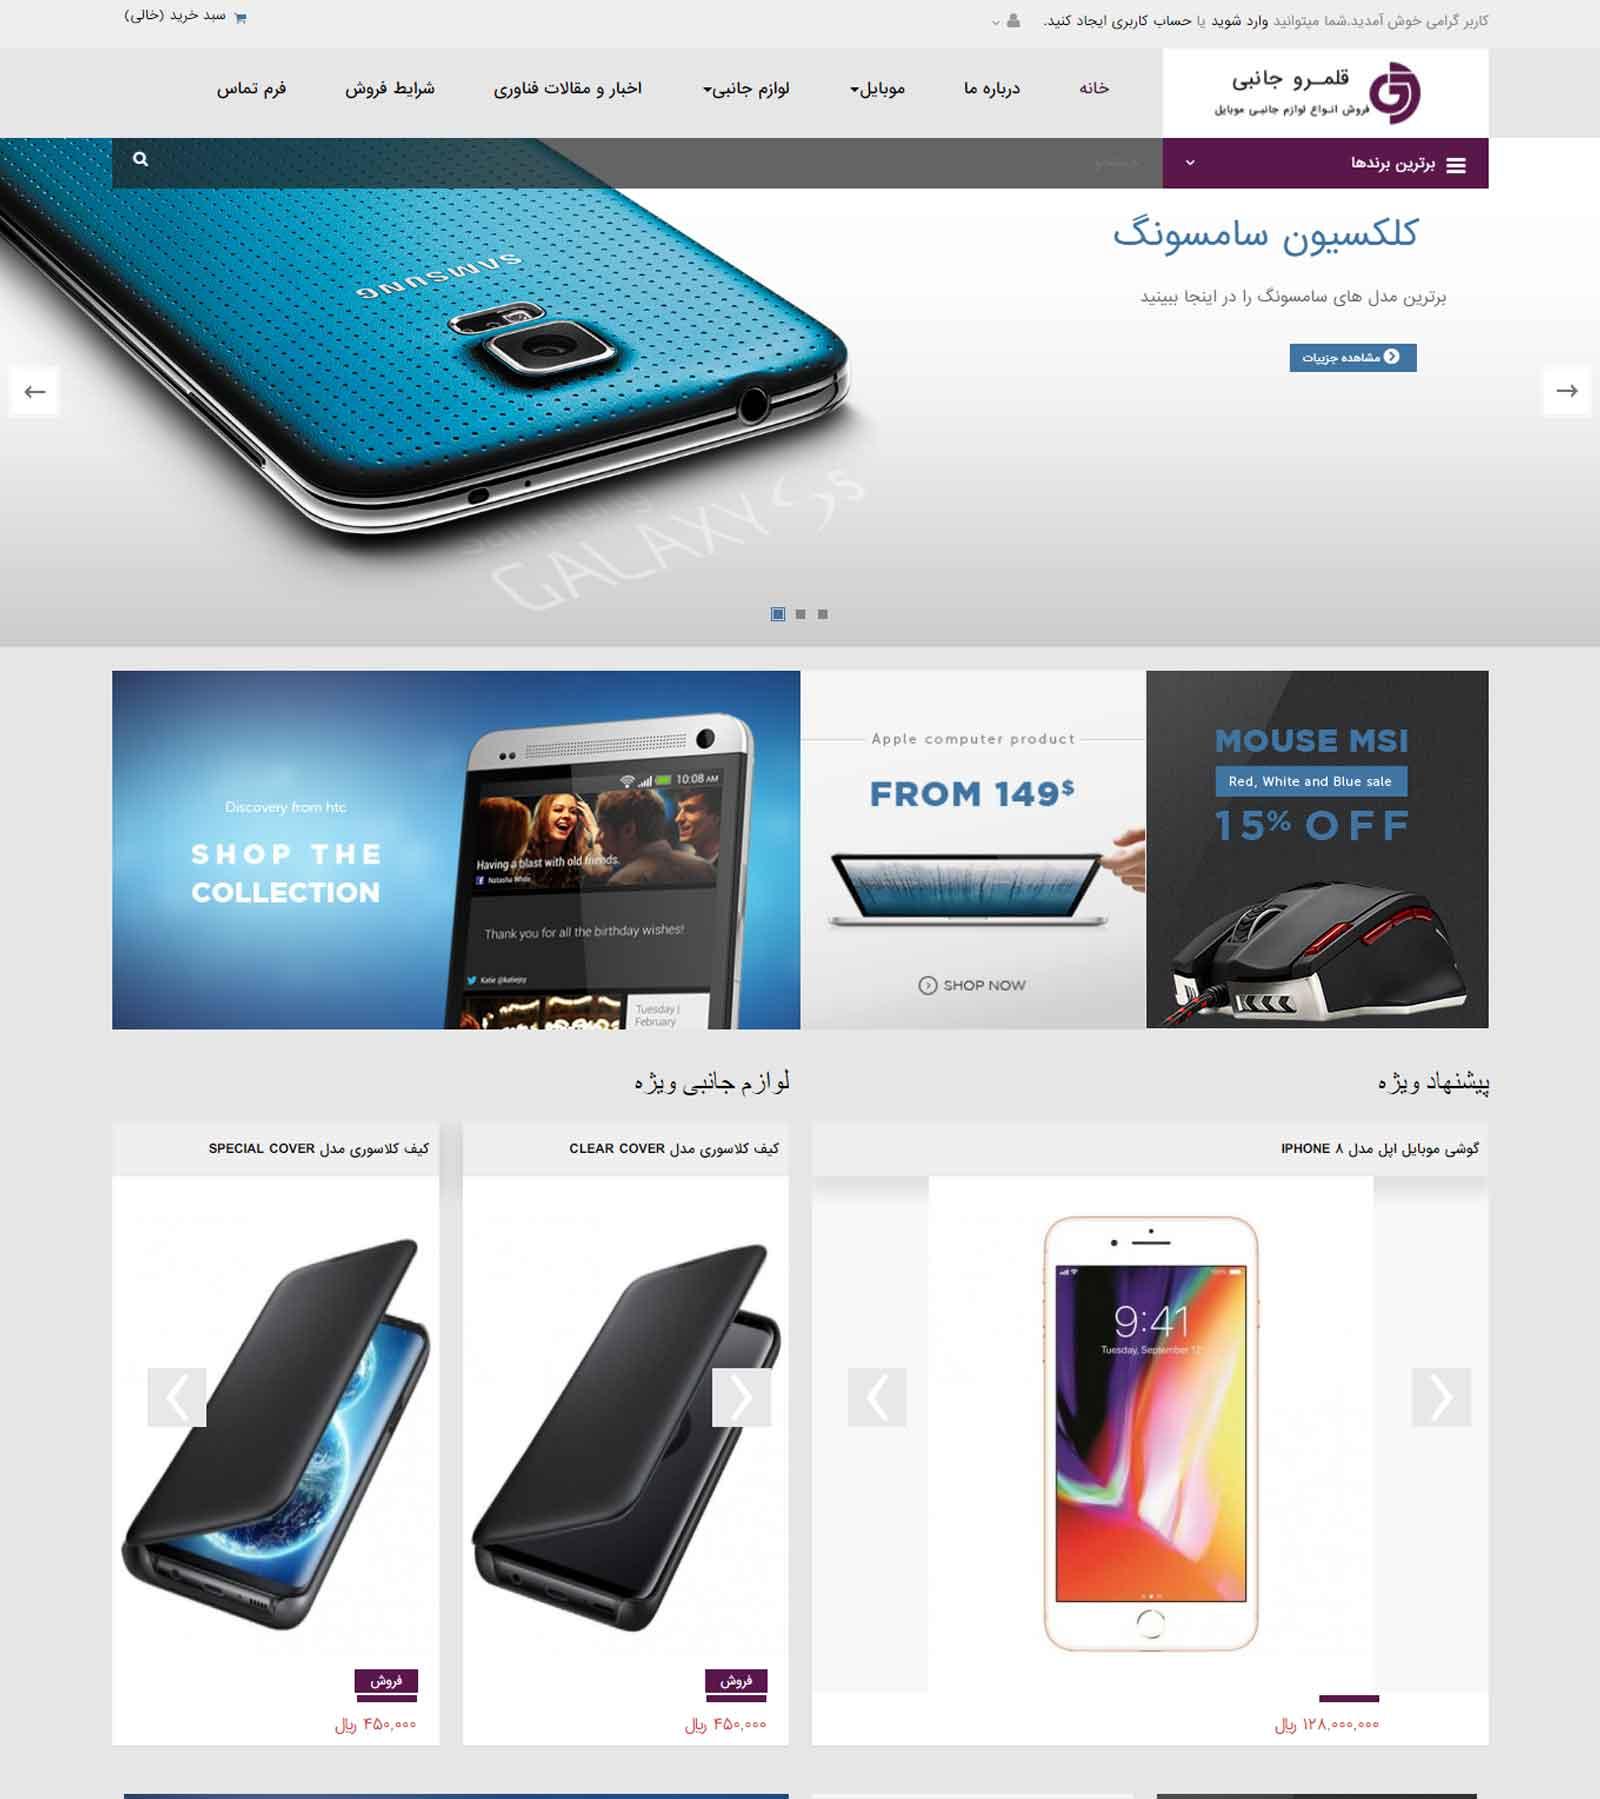 نمونه پروژه های طراحی سایت فروشگاهی انزلی وب